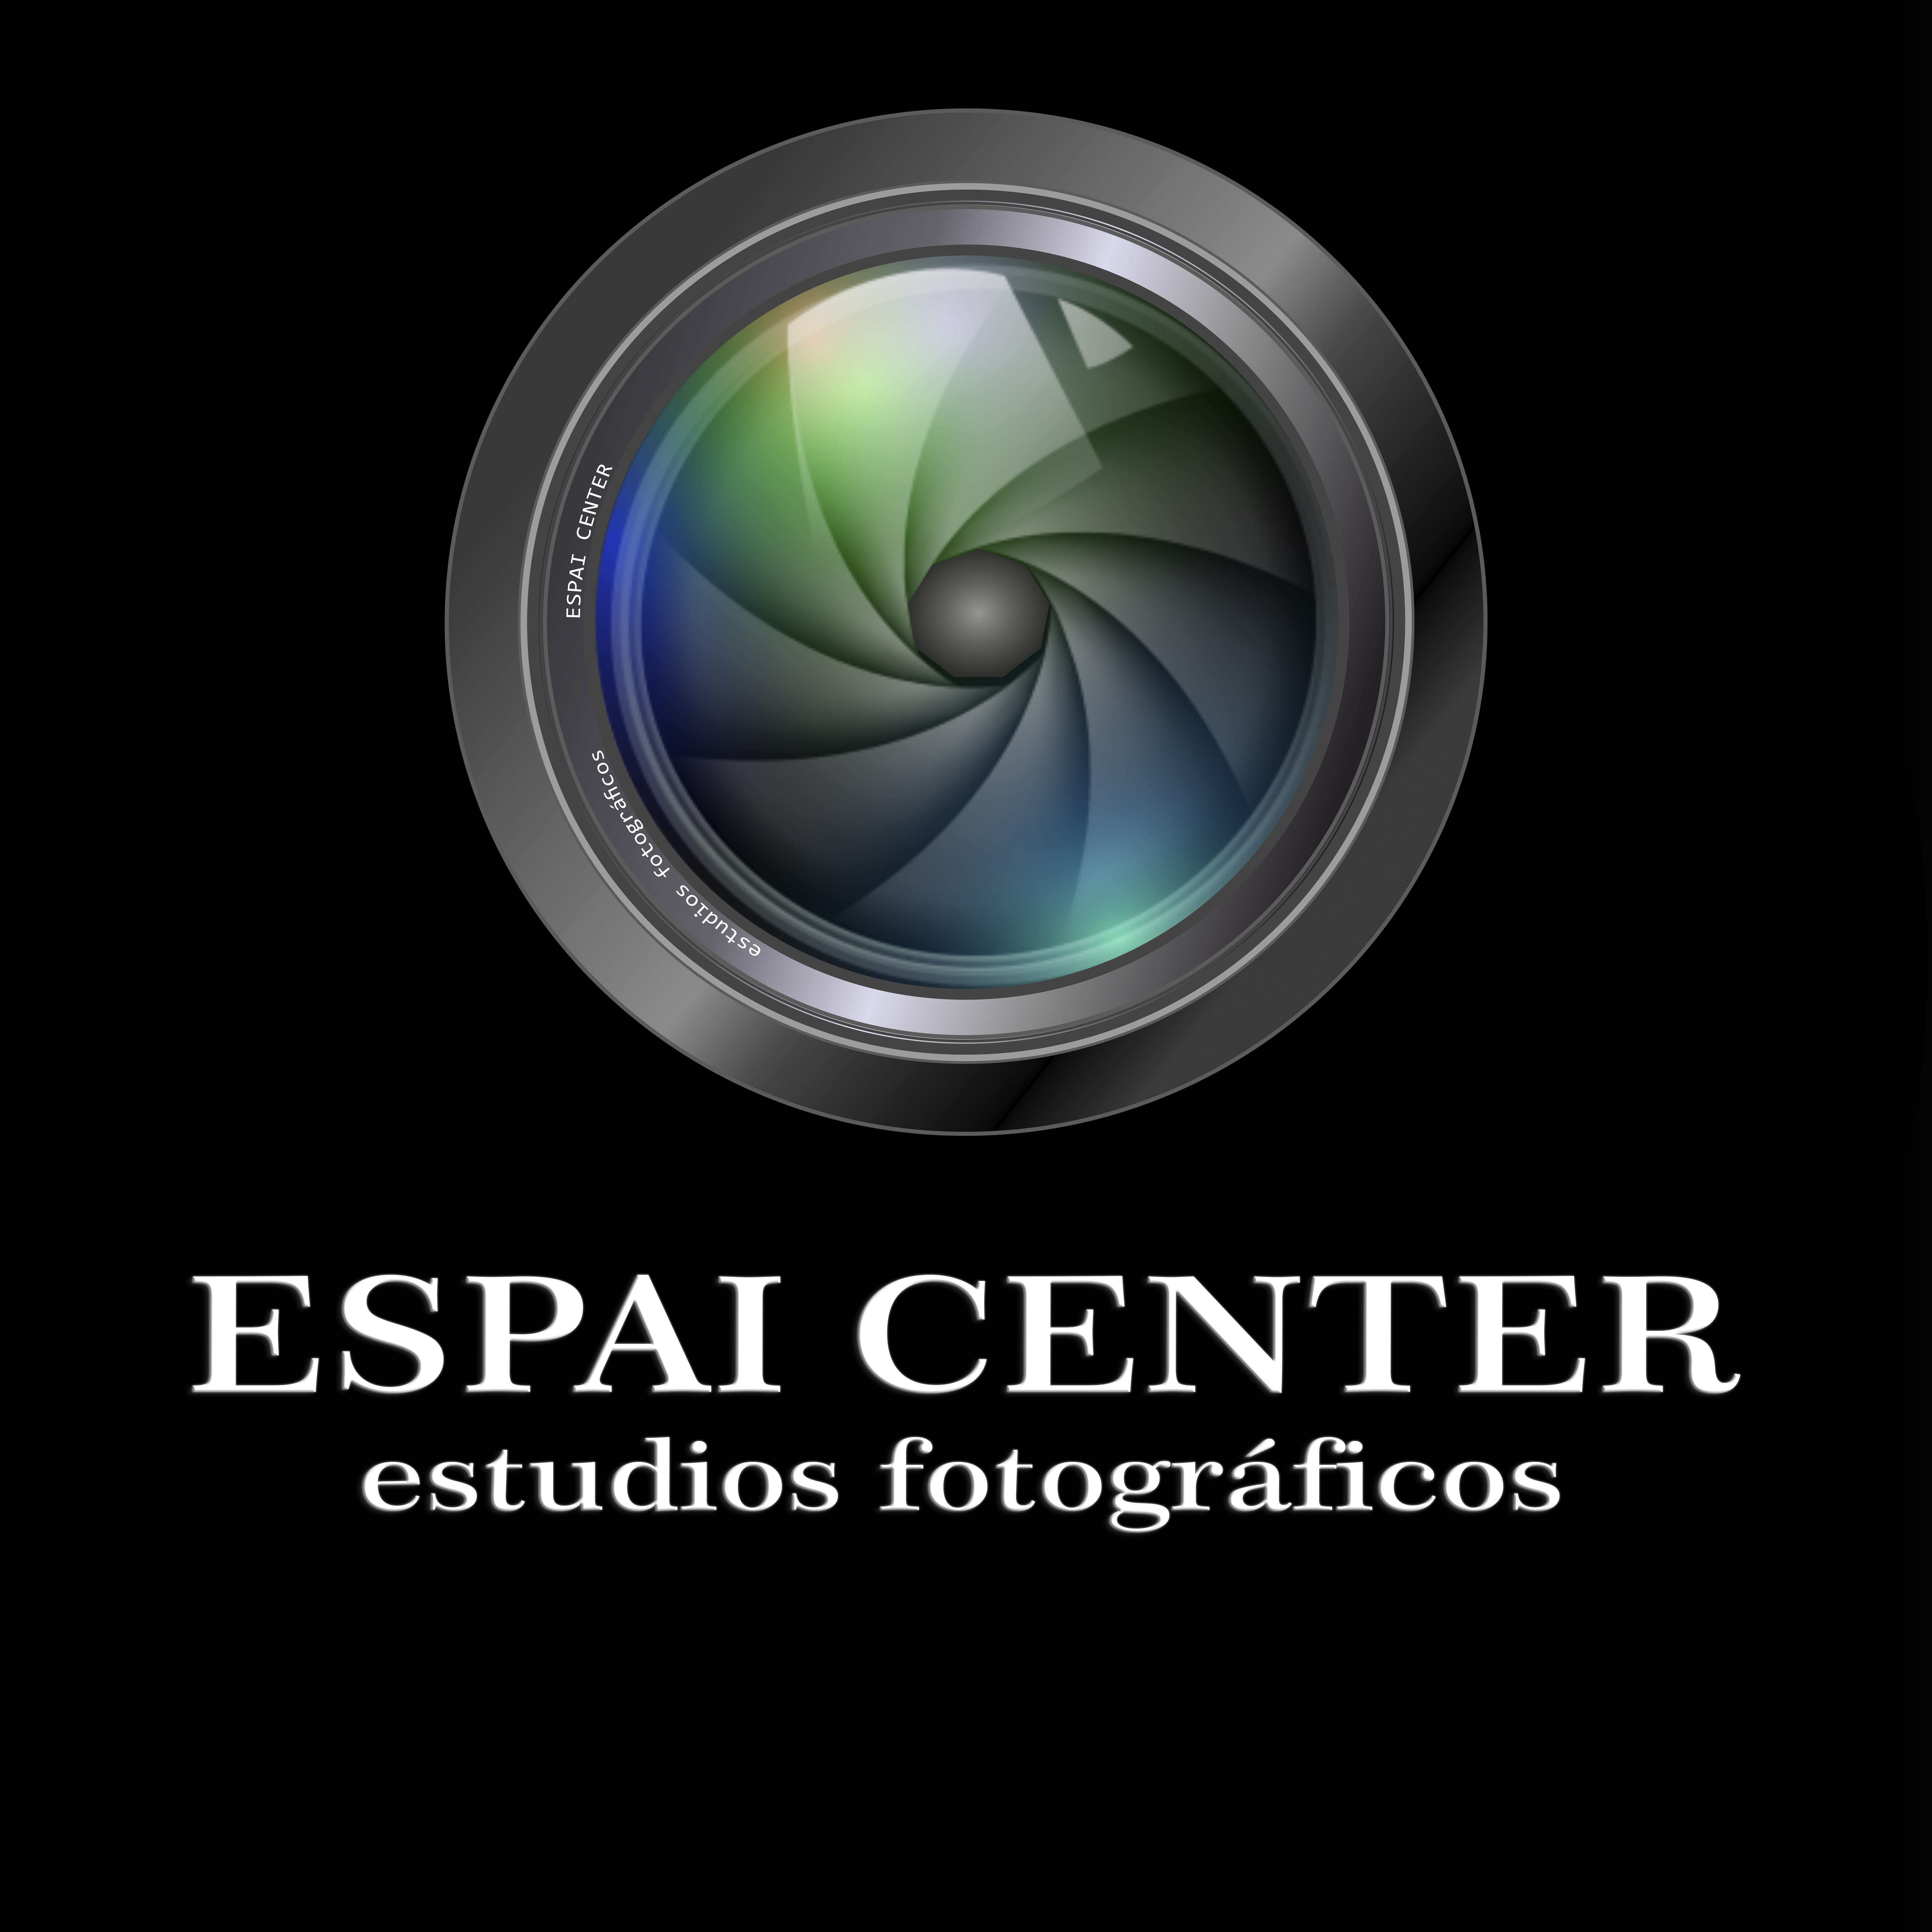 Espai Center